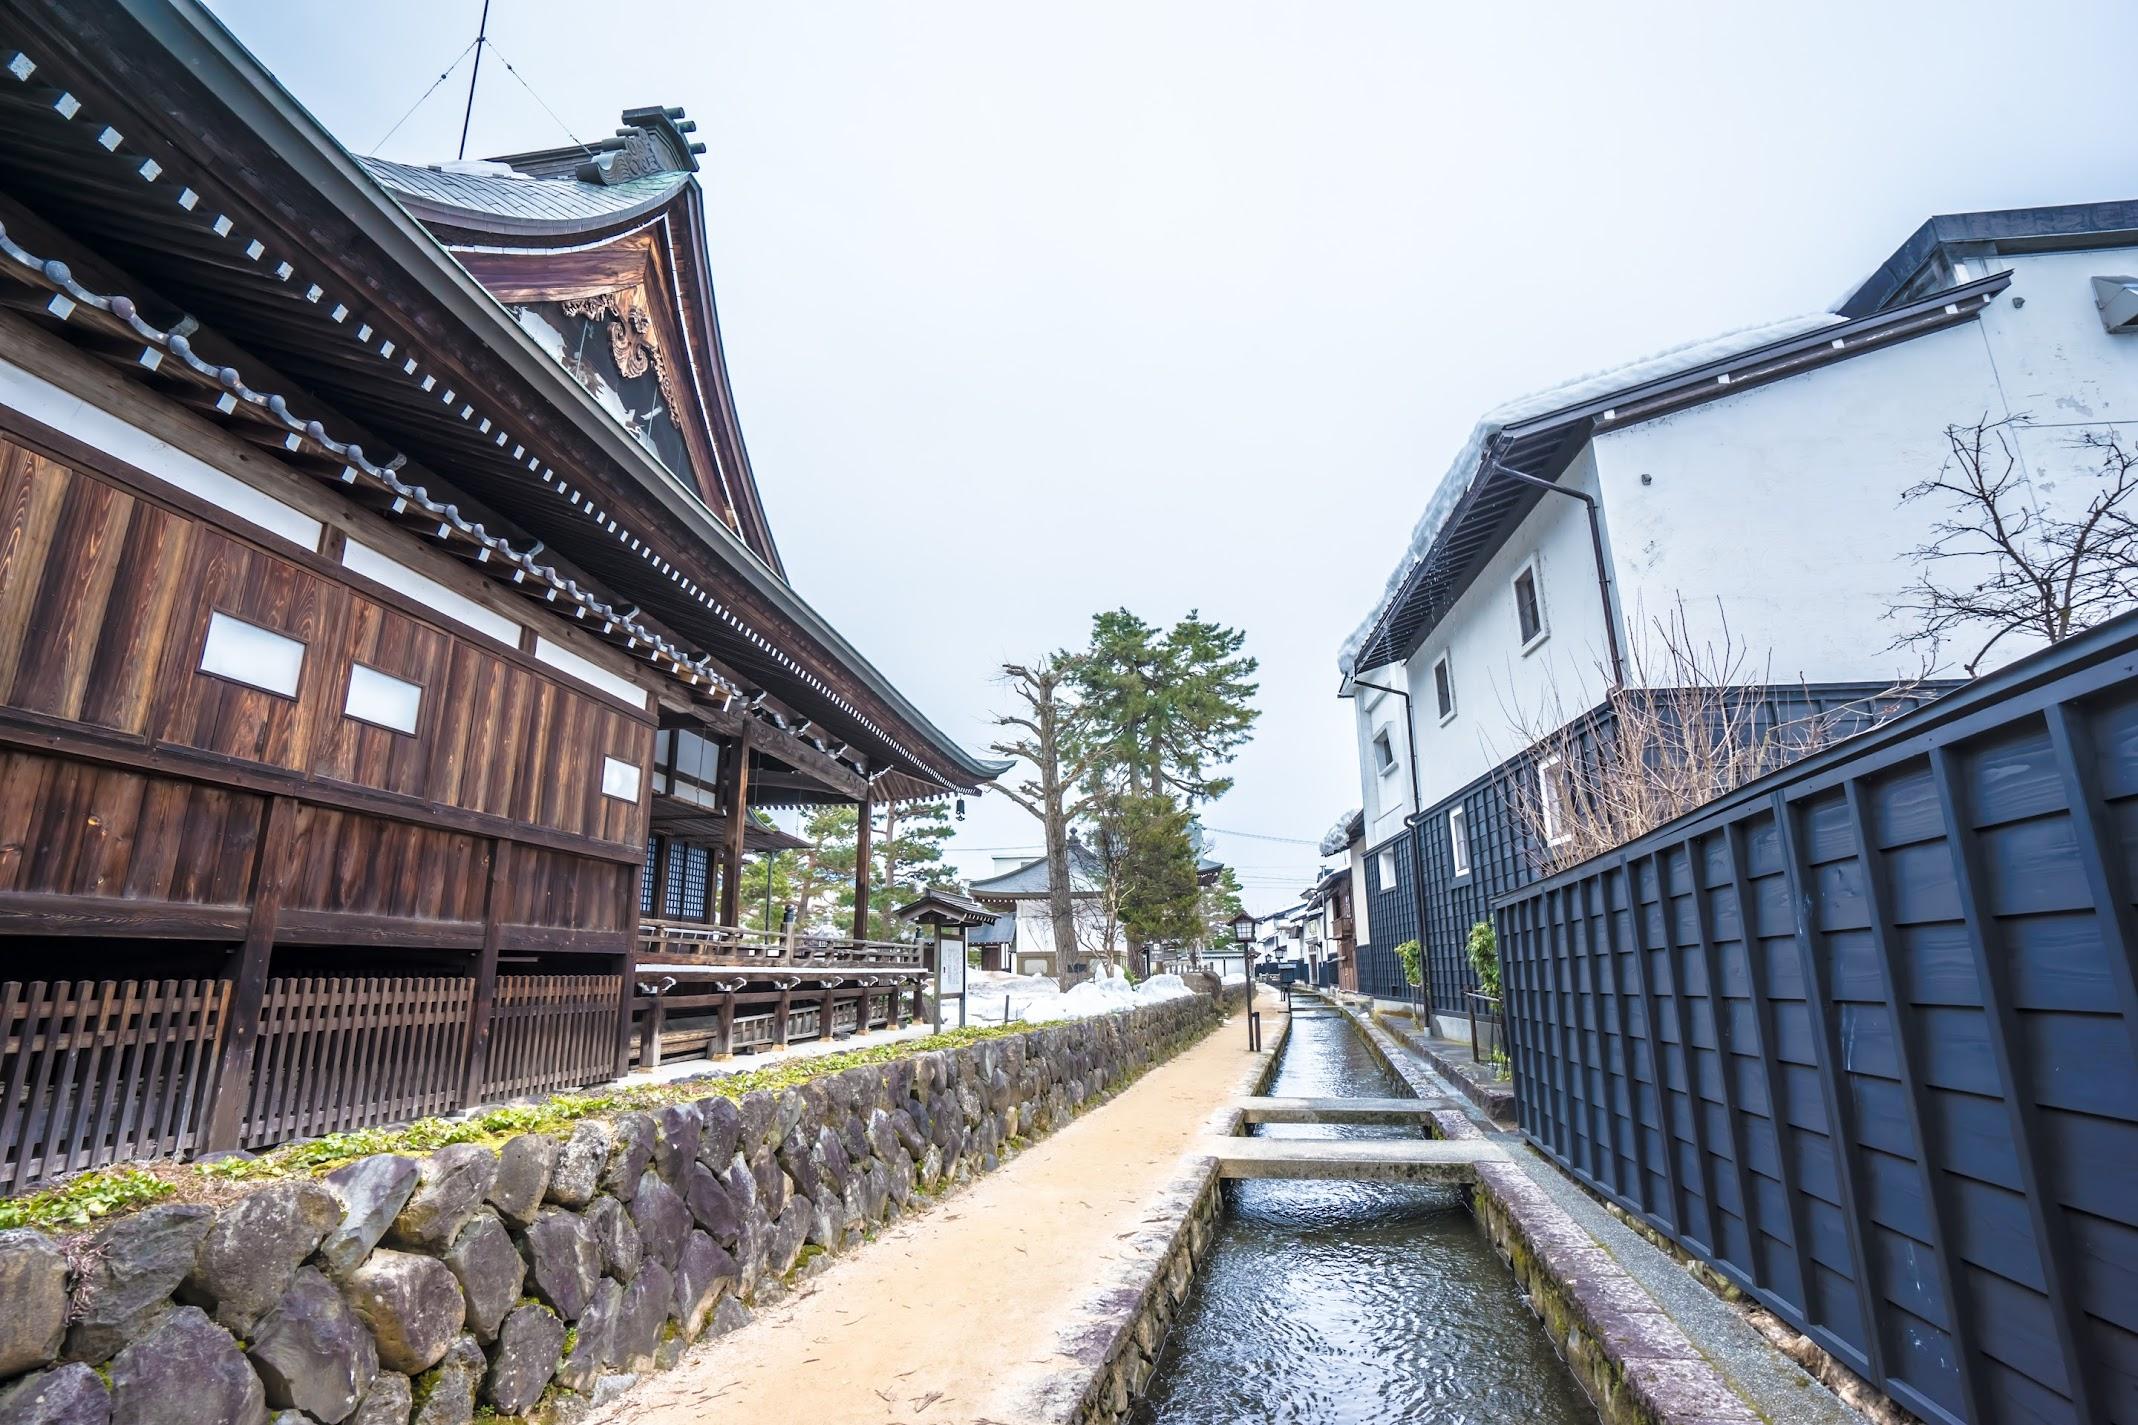 飛騨古川 円光寺 白壁土蔵街4